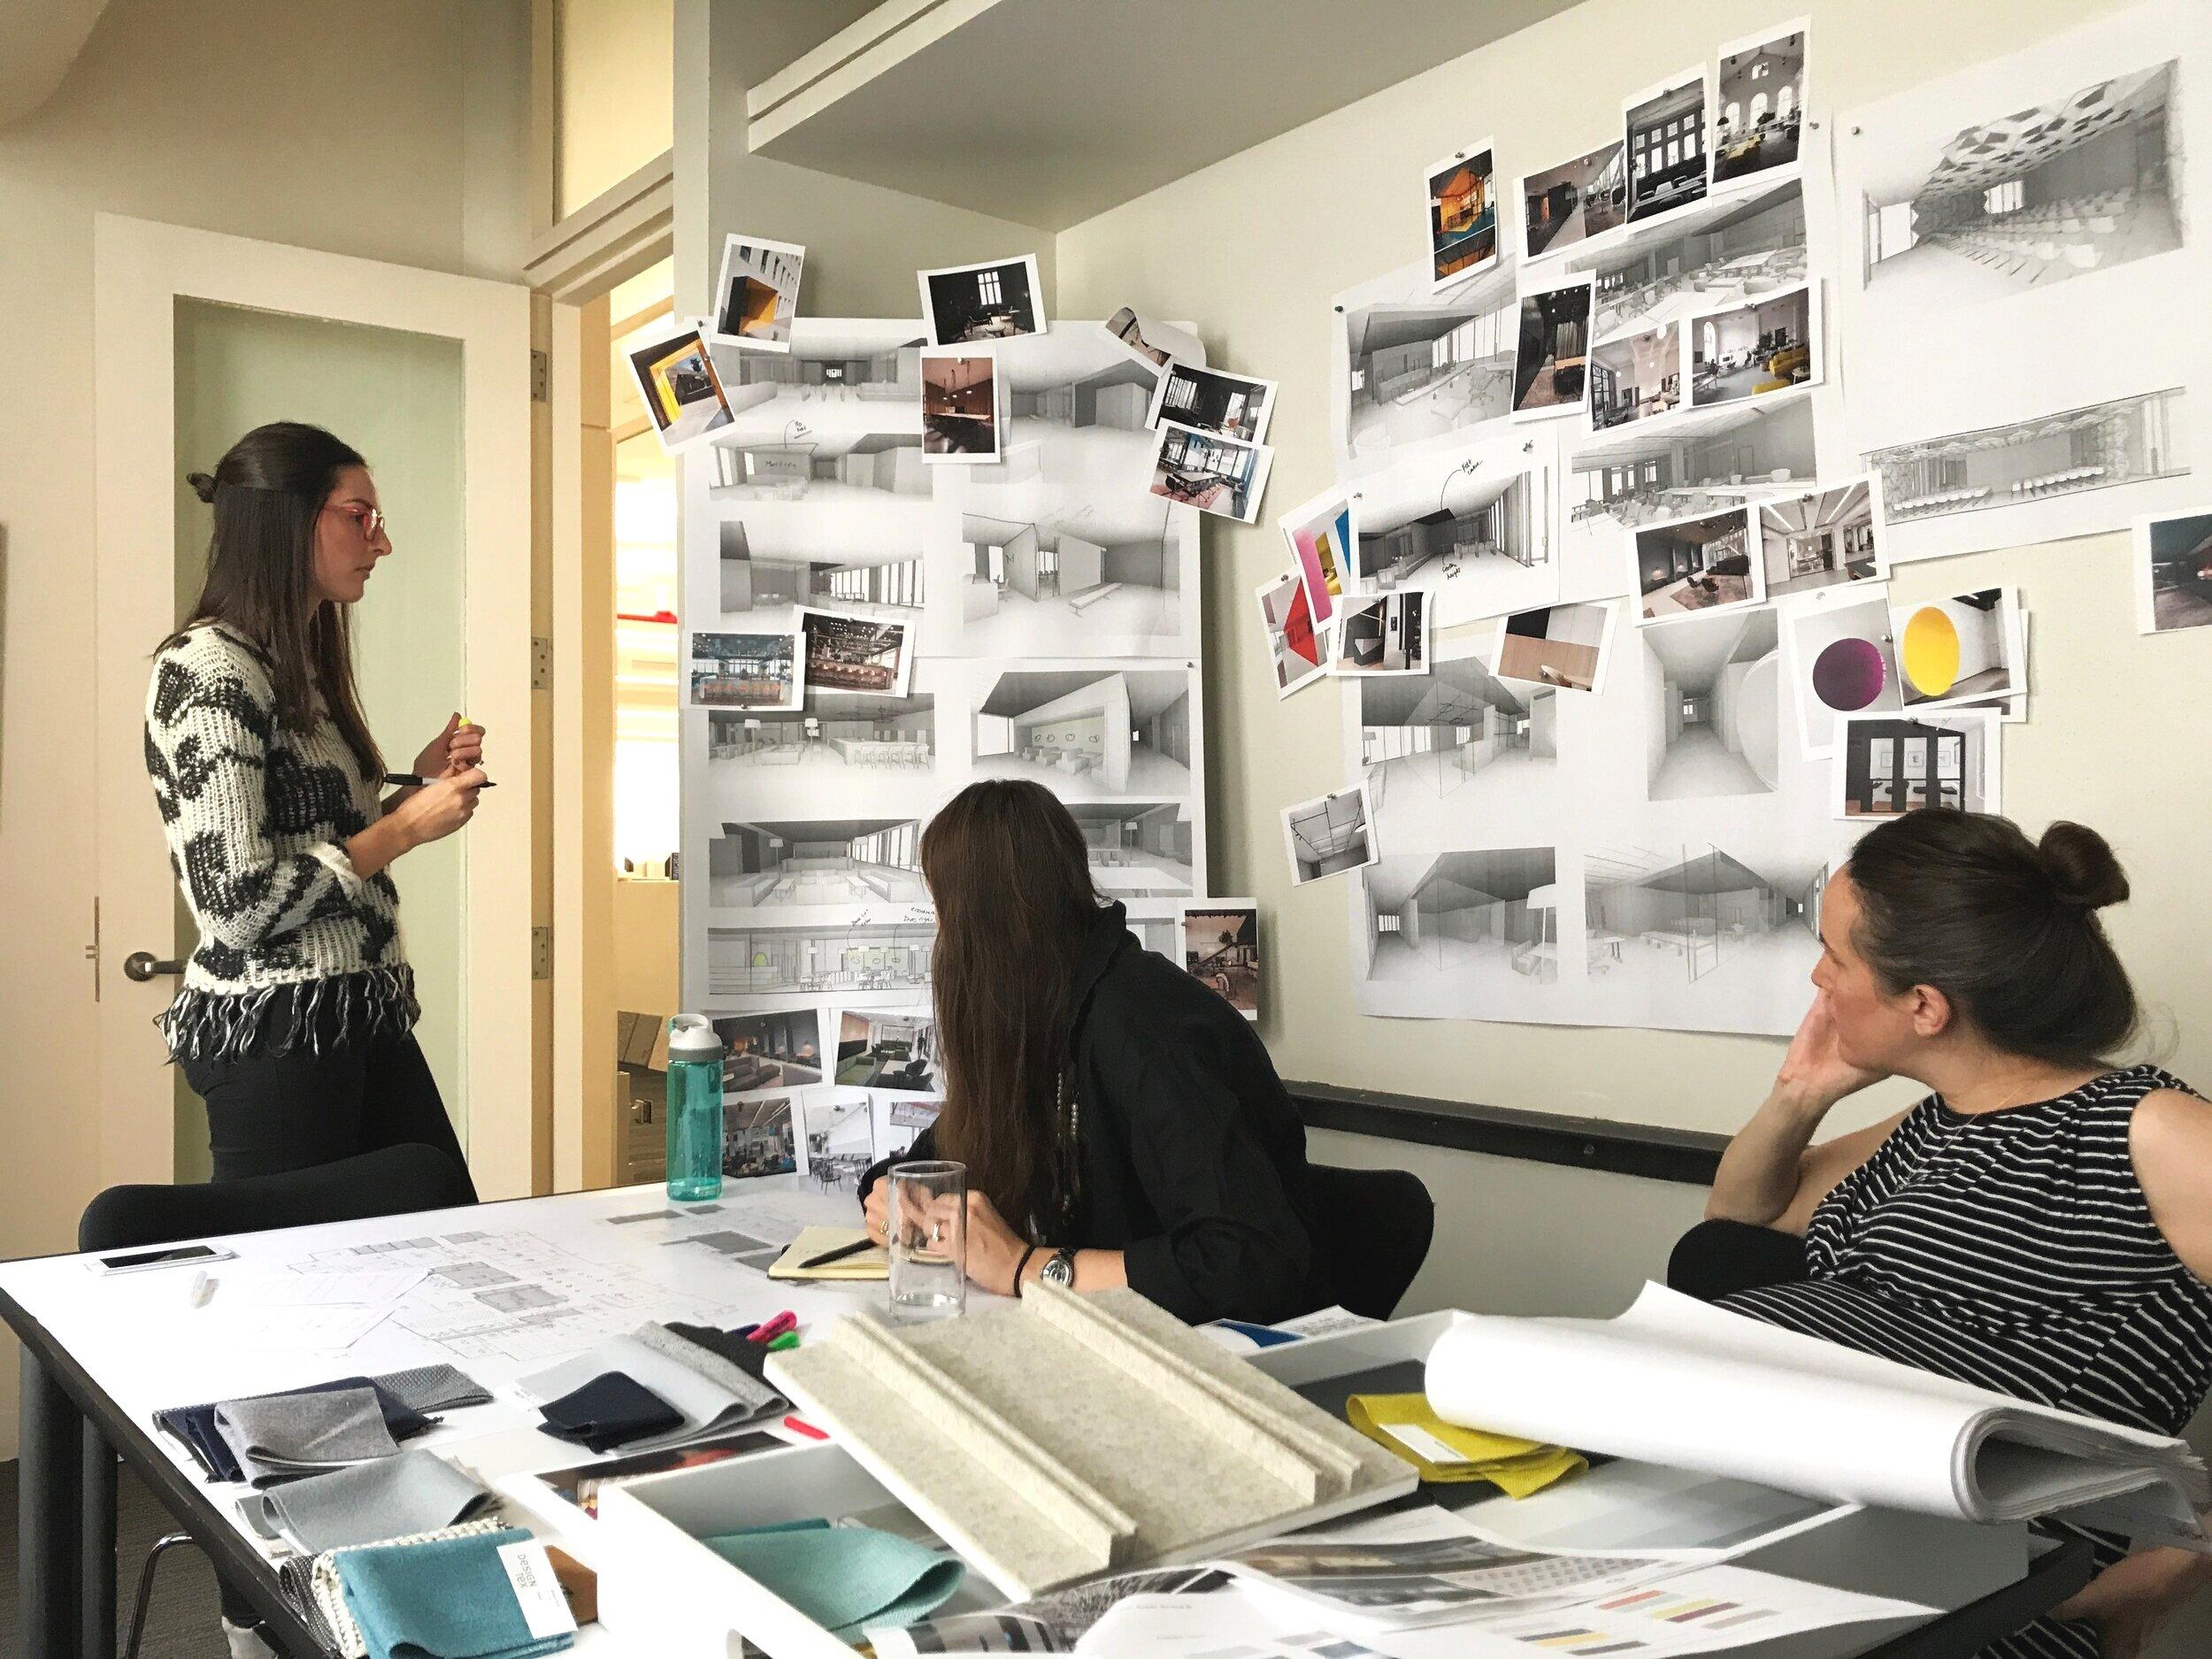 Team design session